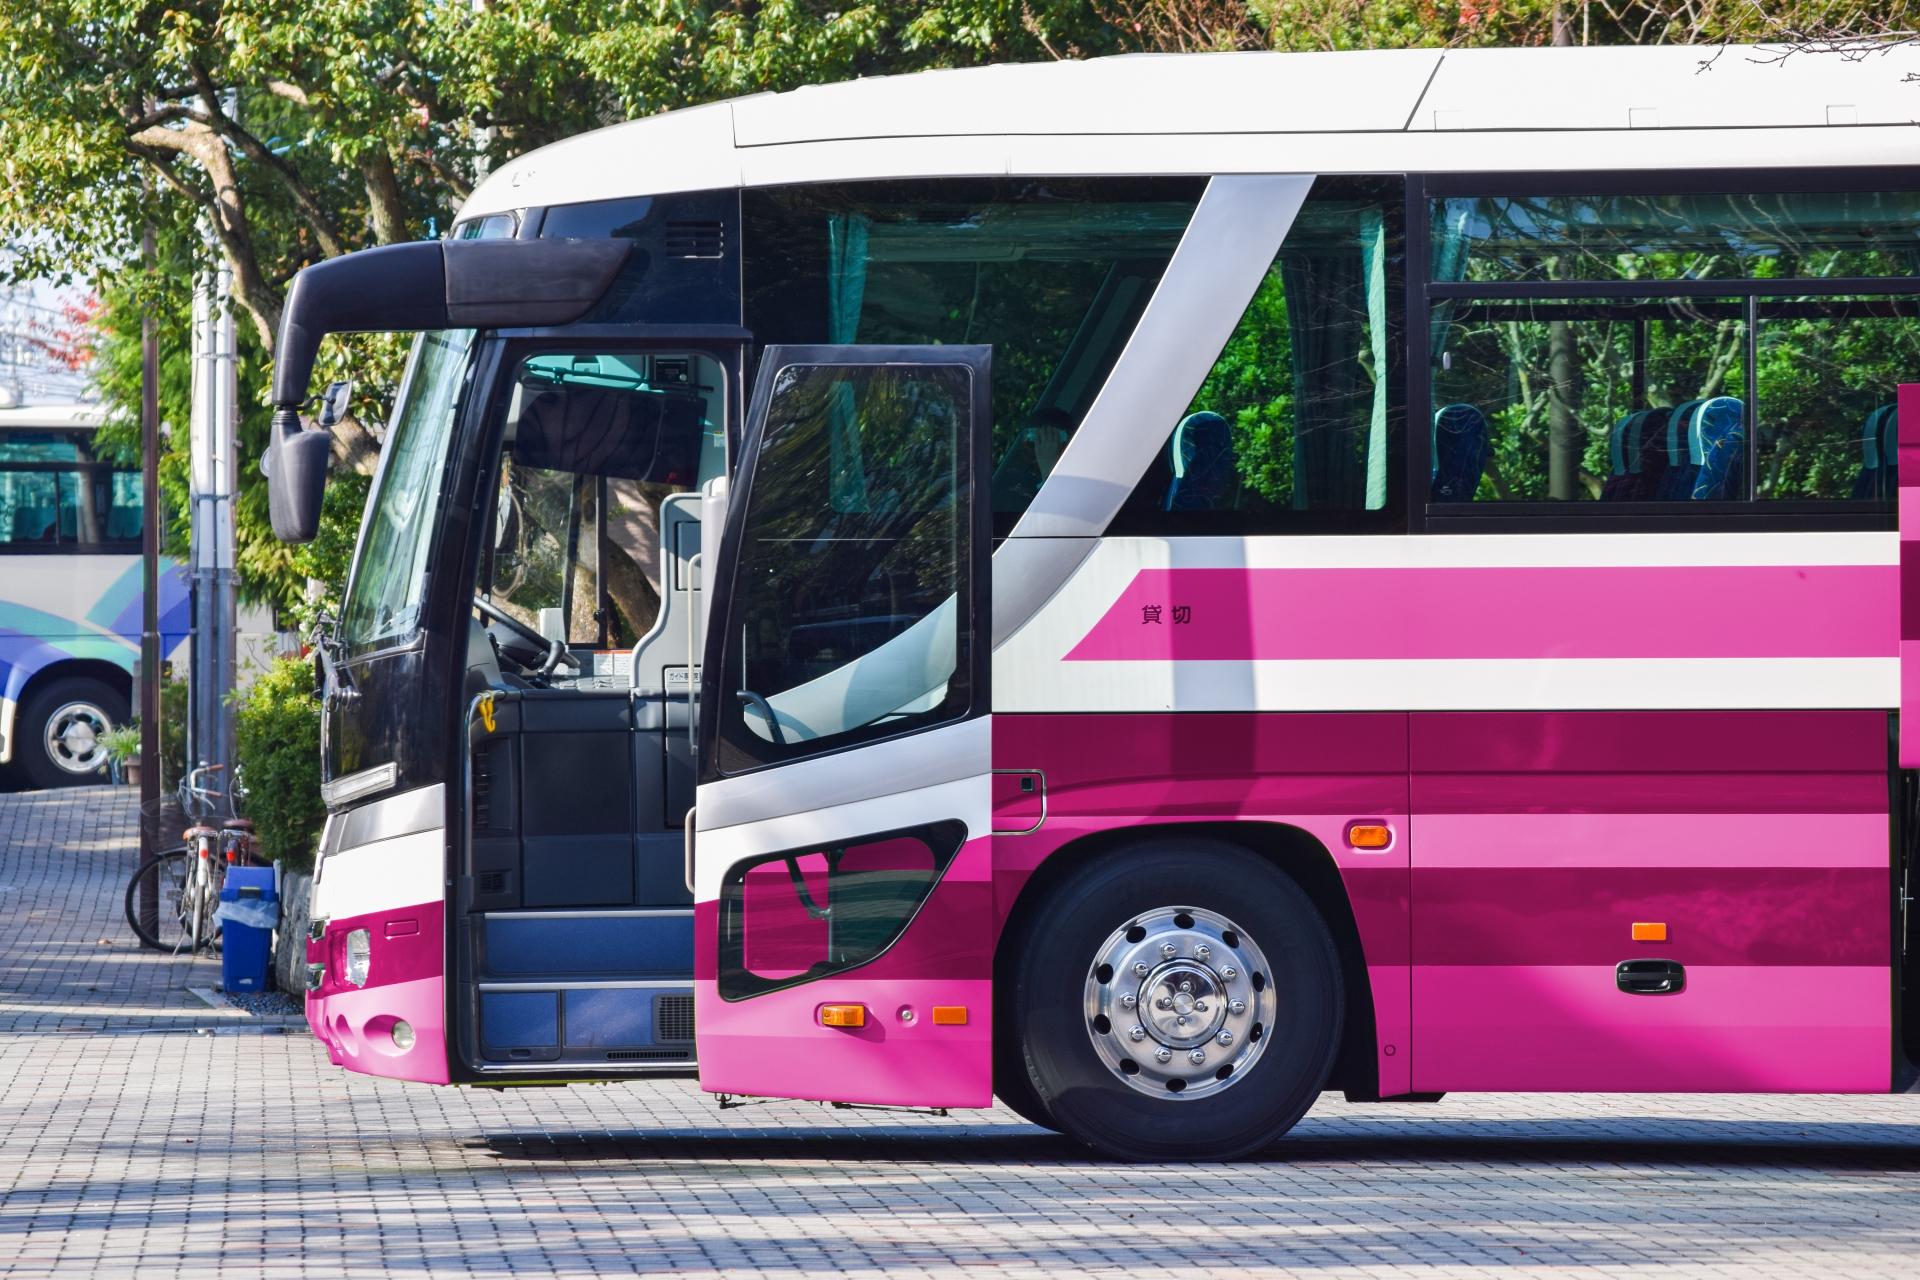 【昼行】遠征の強い味方!高速バス比較サイト5選【夜行】